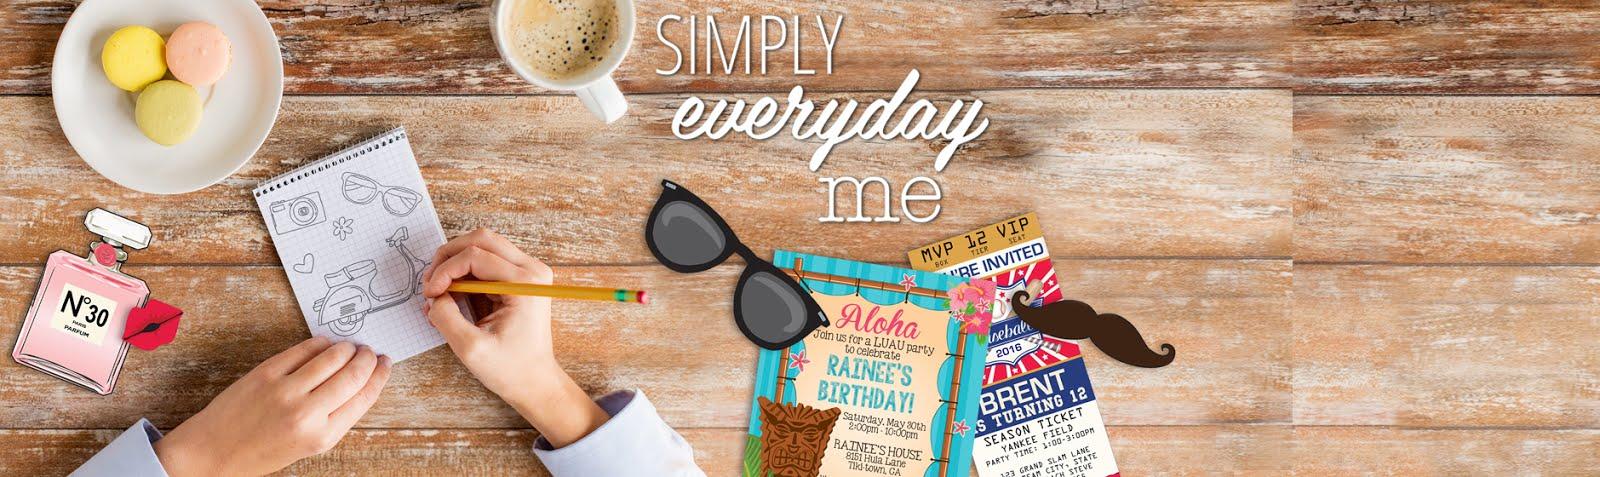 SimplyEverydayMe